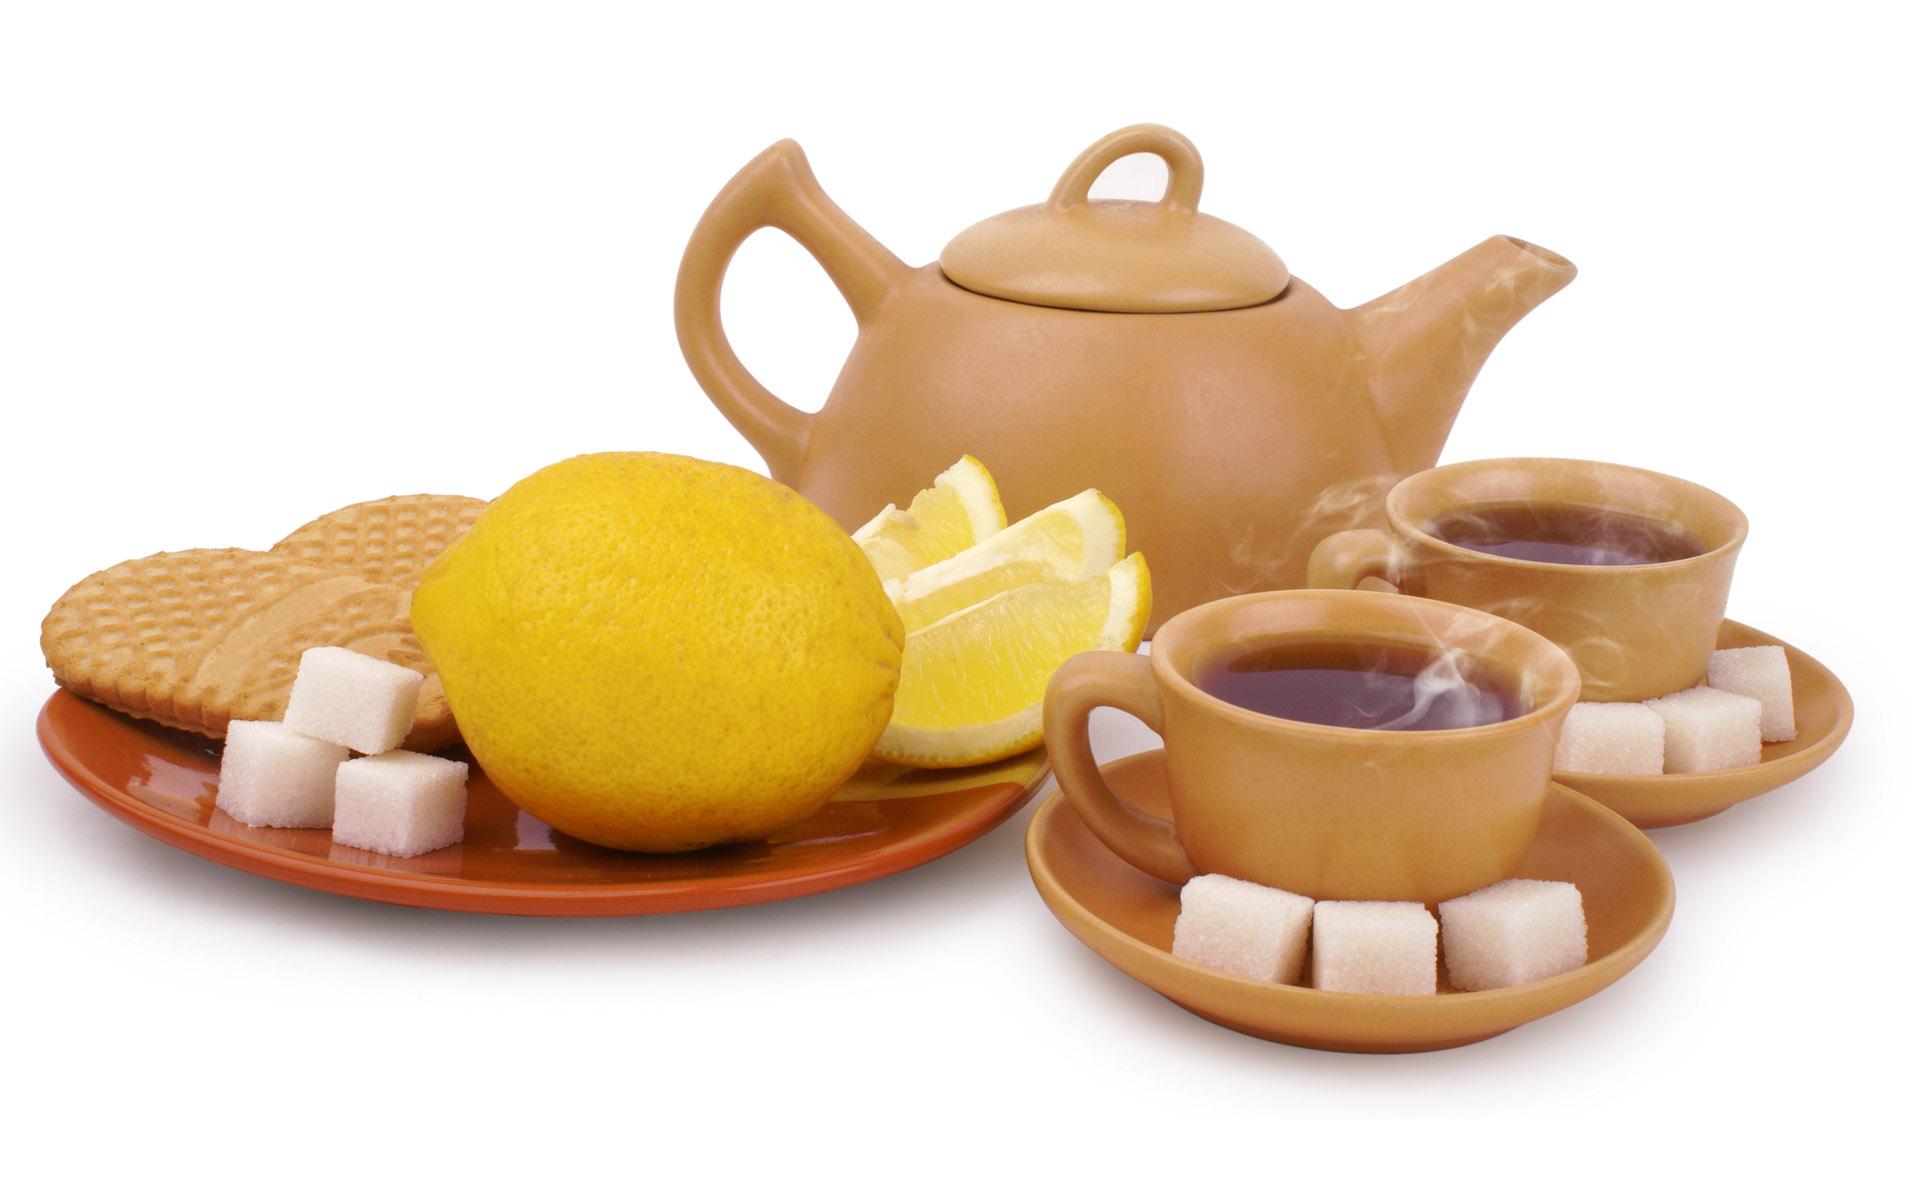 хлеб чай кружка чайник масло  № 2118930 загрузить